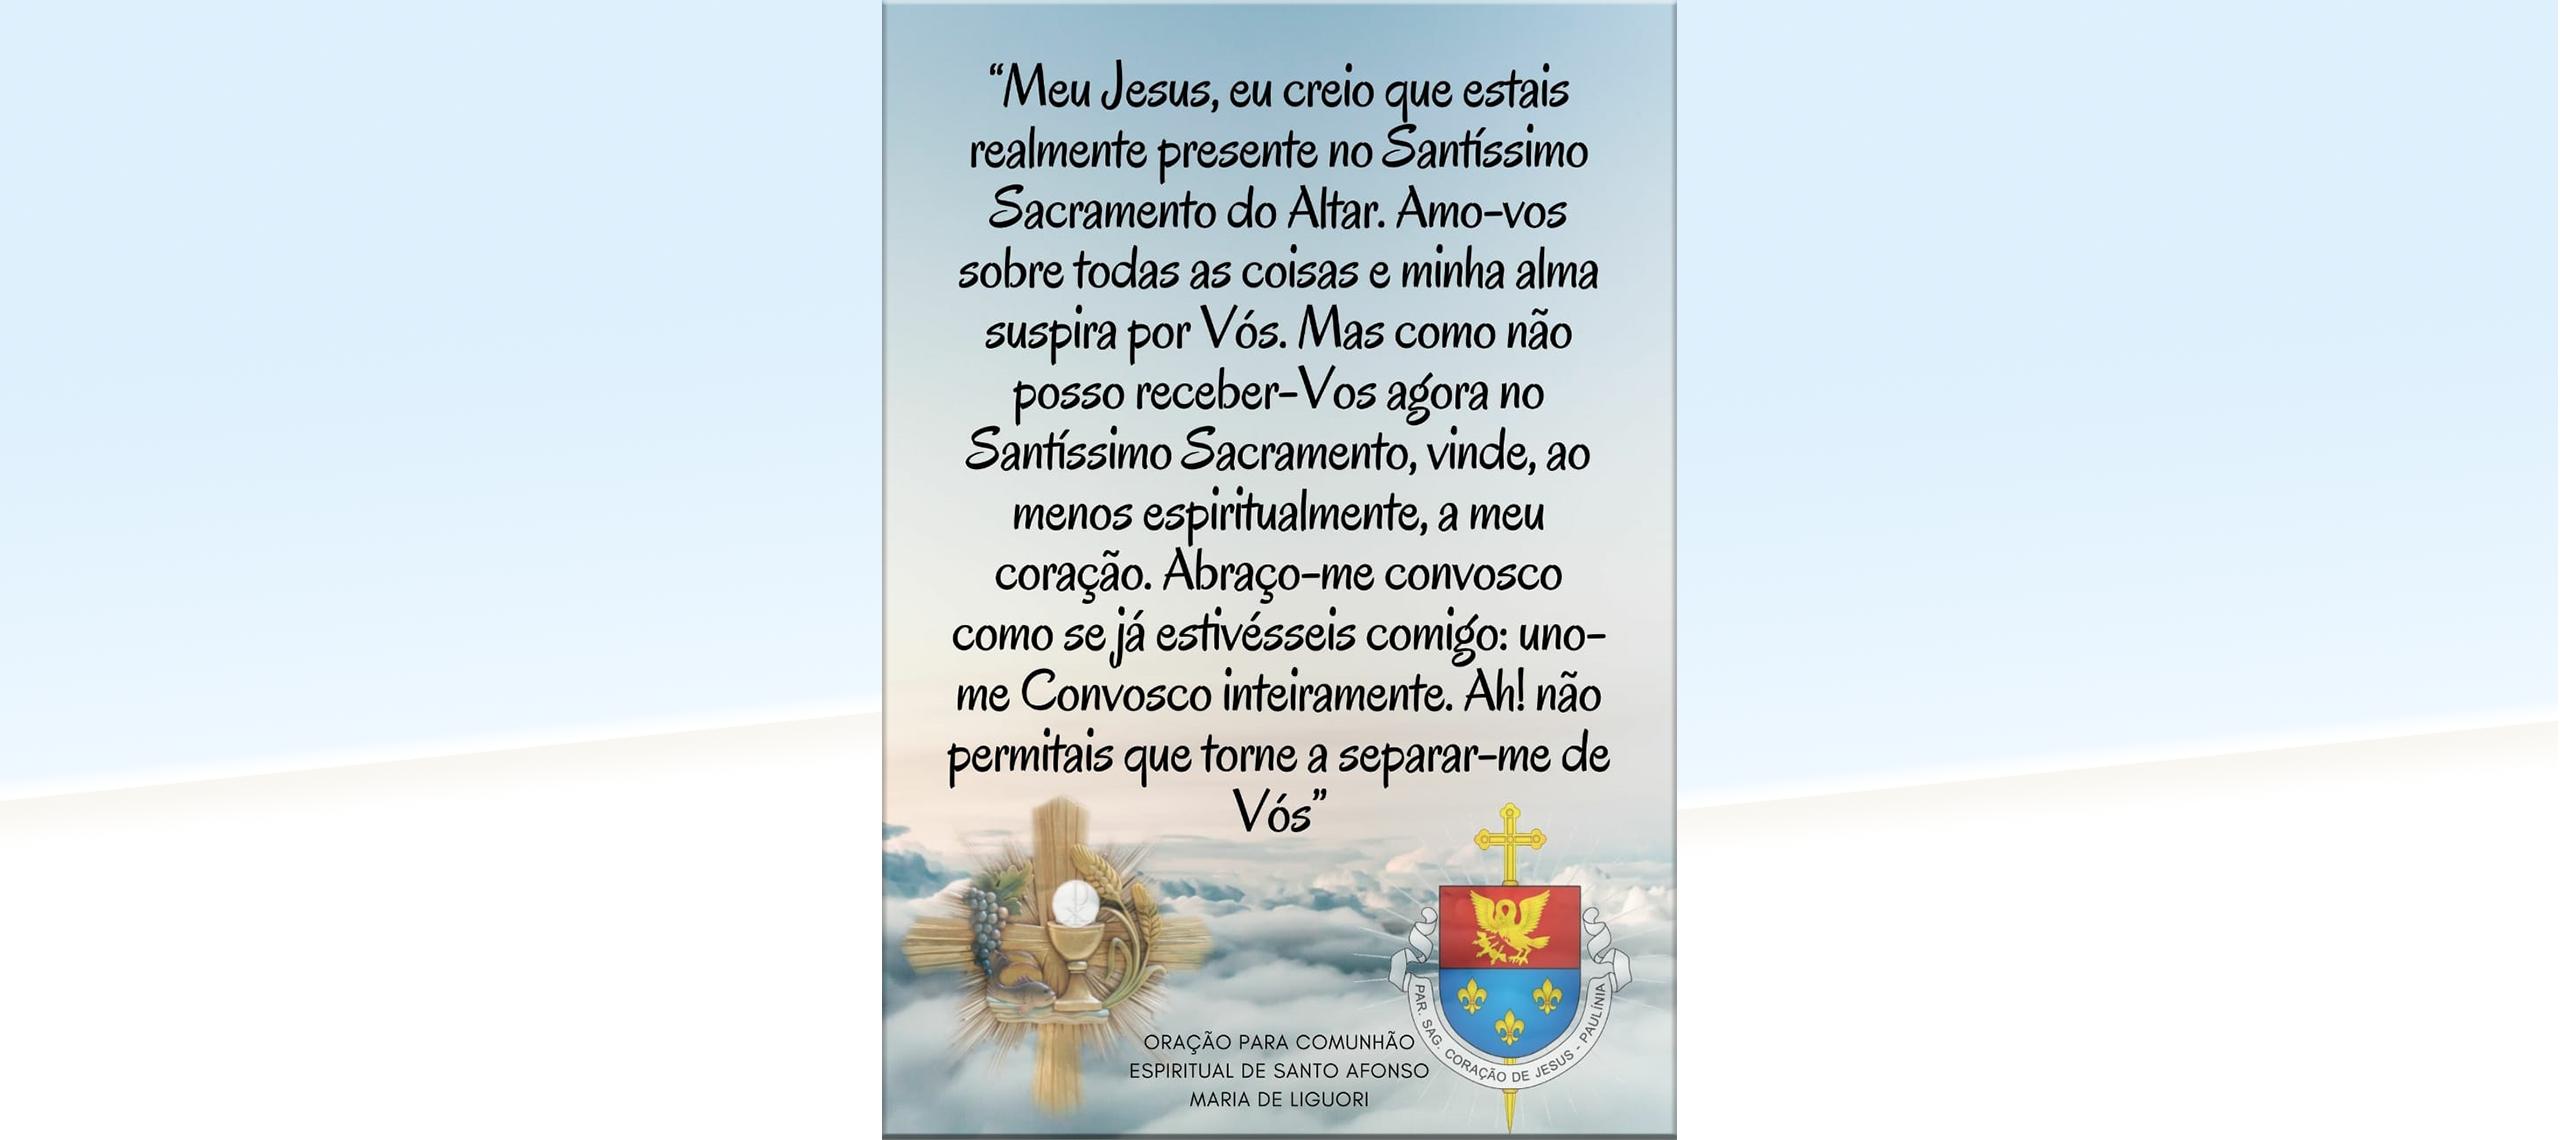 Oração de Santo Afonso para comunhão espiritual